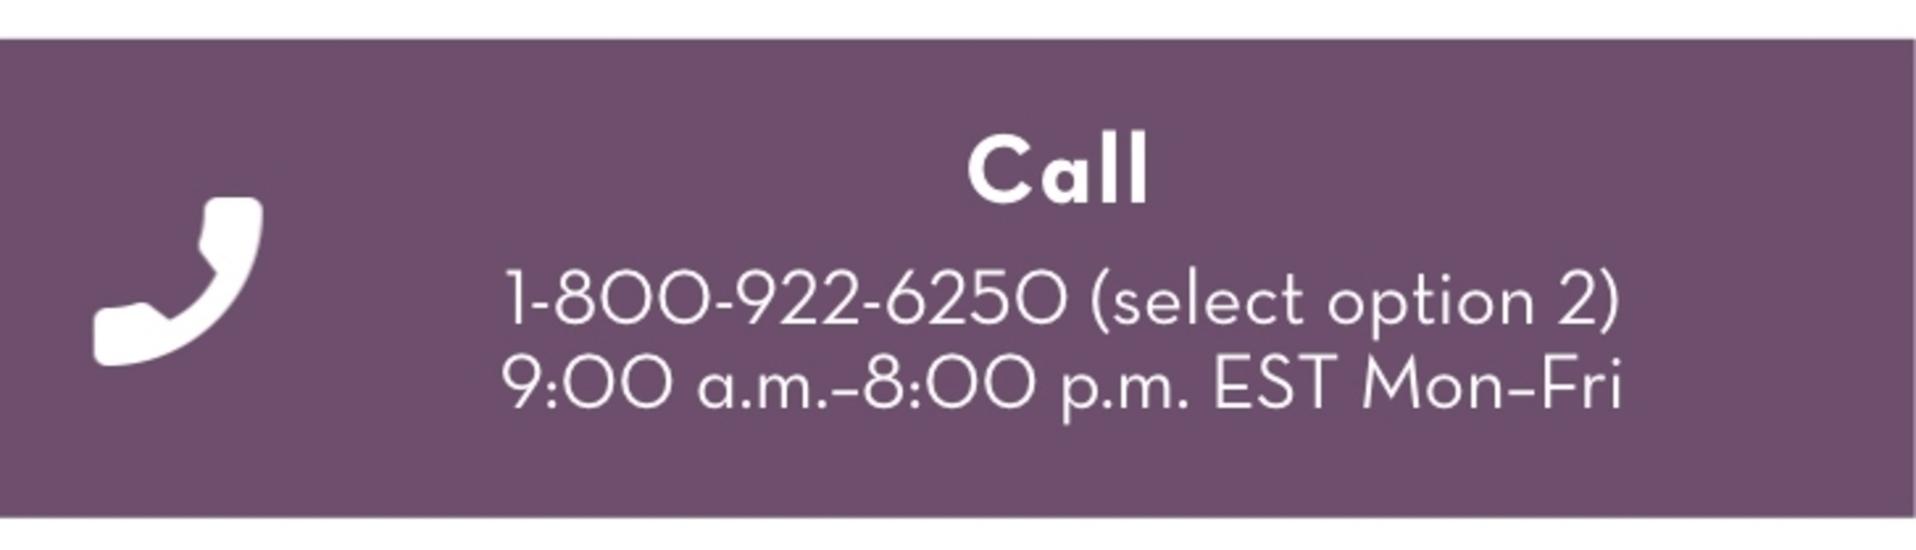 Call, 1-800-922-6250 (select option 2). 9:00am - 8:00pm EST Mon-Fri